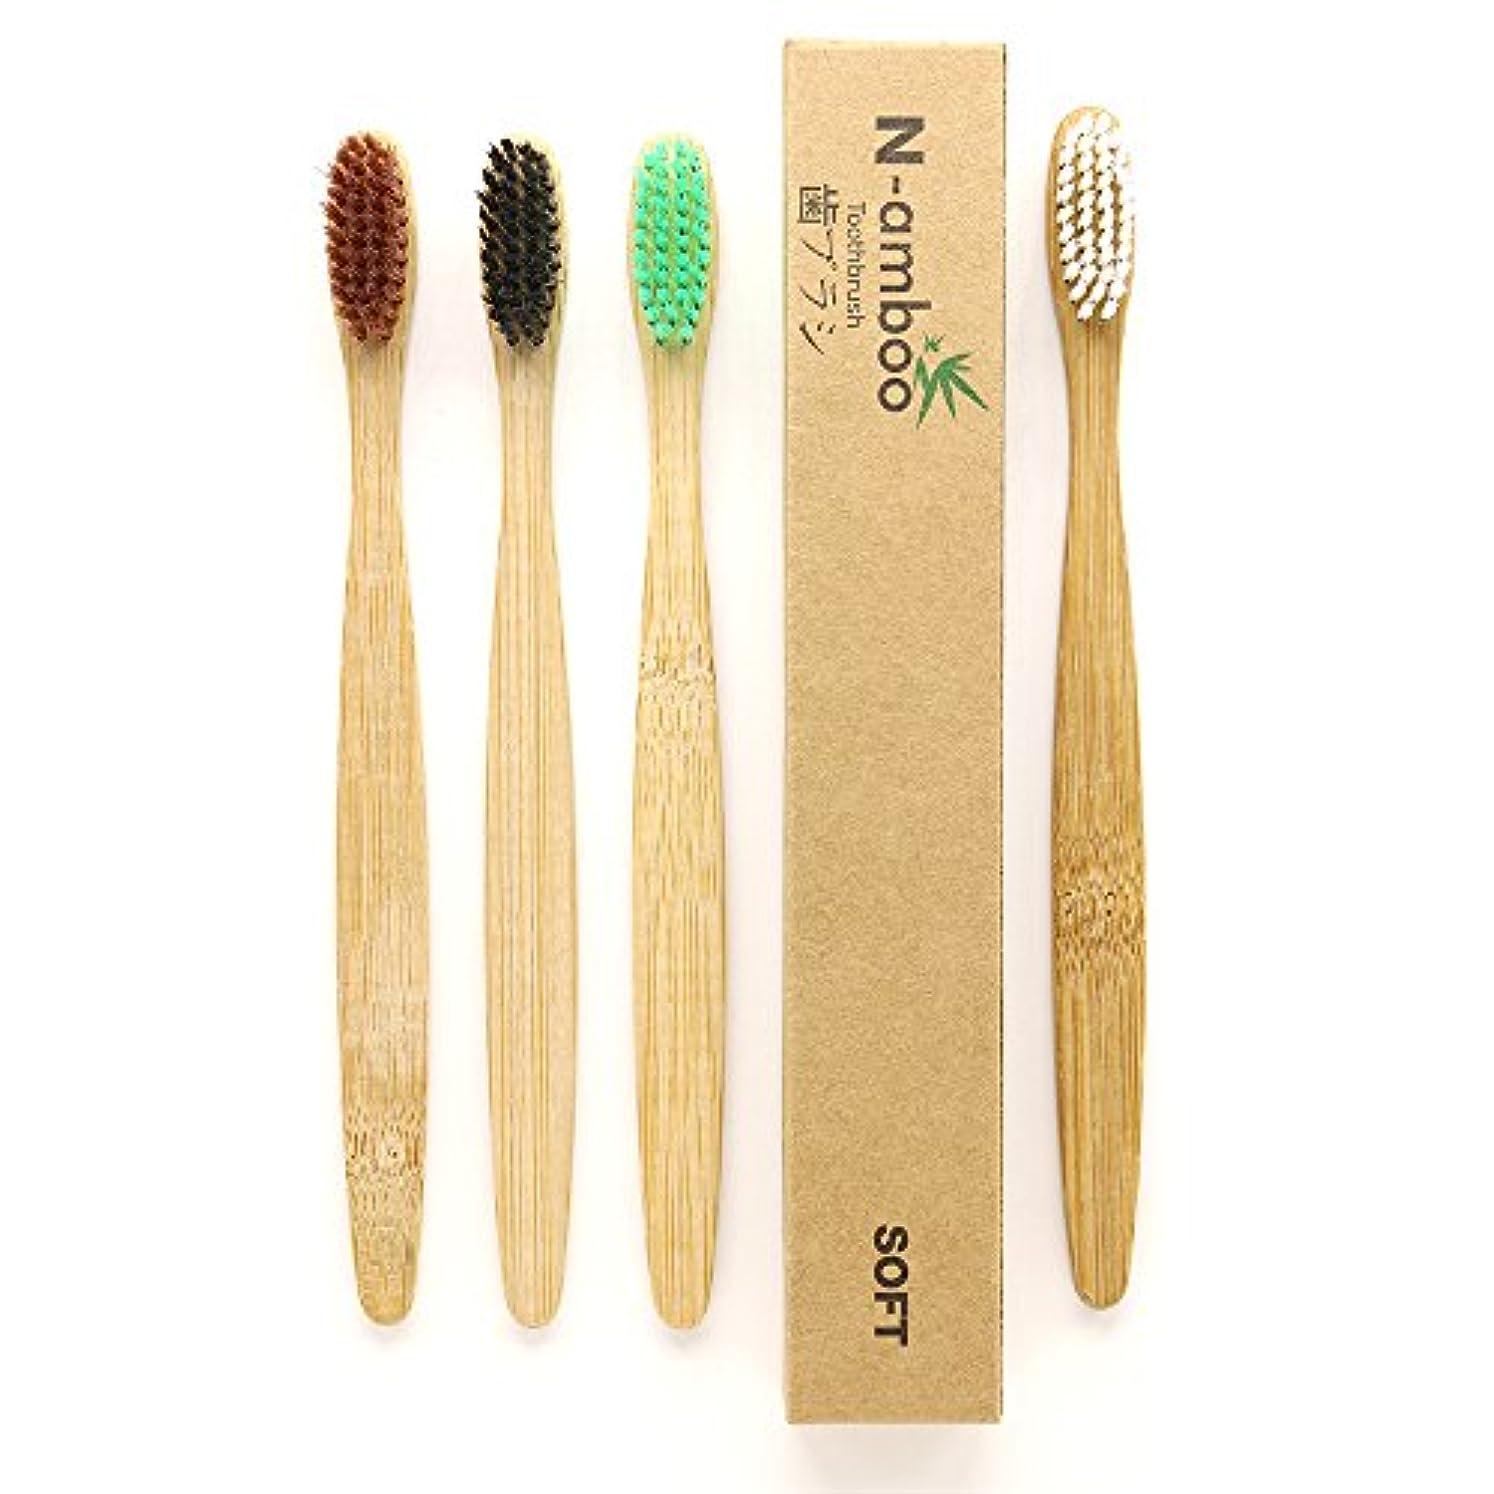 確かめる解釈する忌まわしいN-amboo 竹製耐久度高い 歯ブラシ 4本入り(4色各1本)